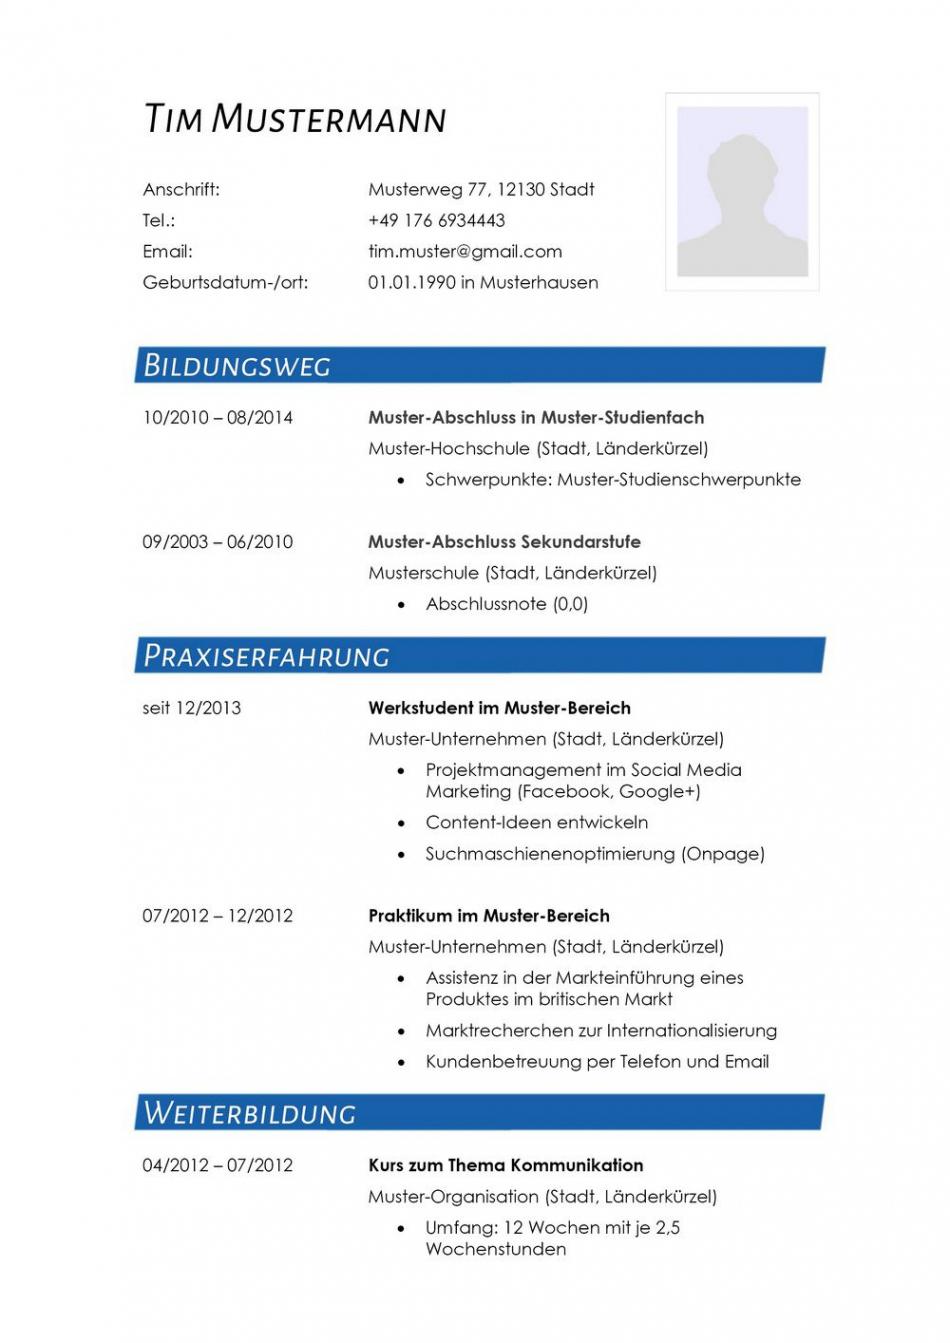 Lebenslauf Muster Für Journalist  Lebenslauf Designs Lebenslauf Vorlage Journalismus